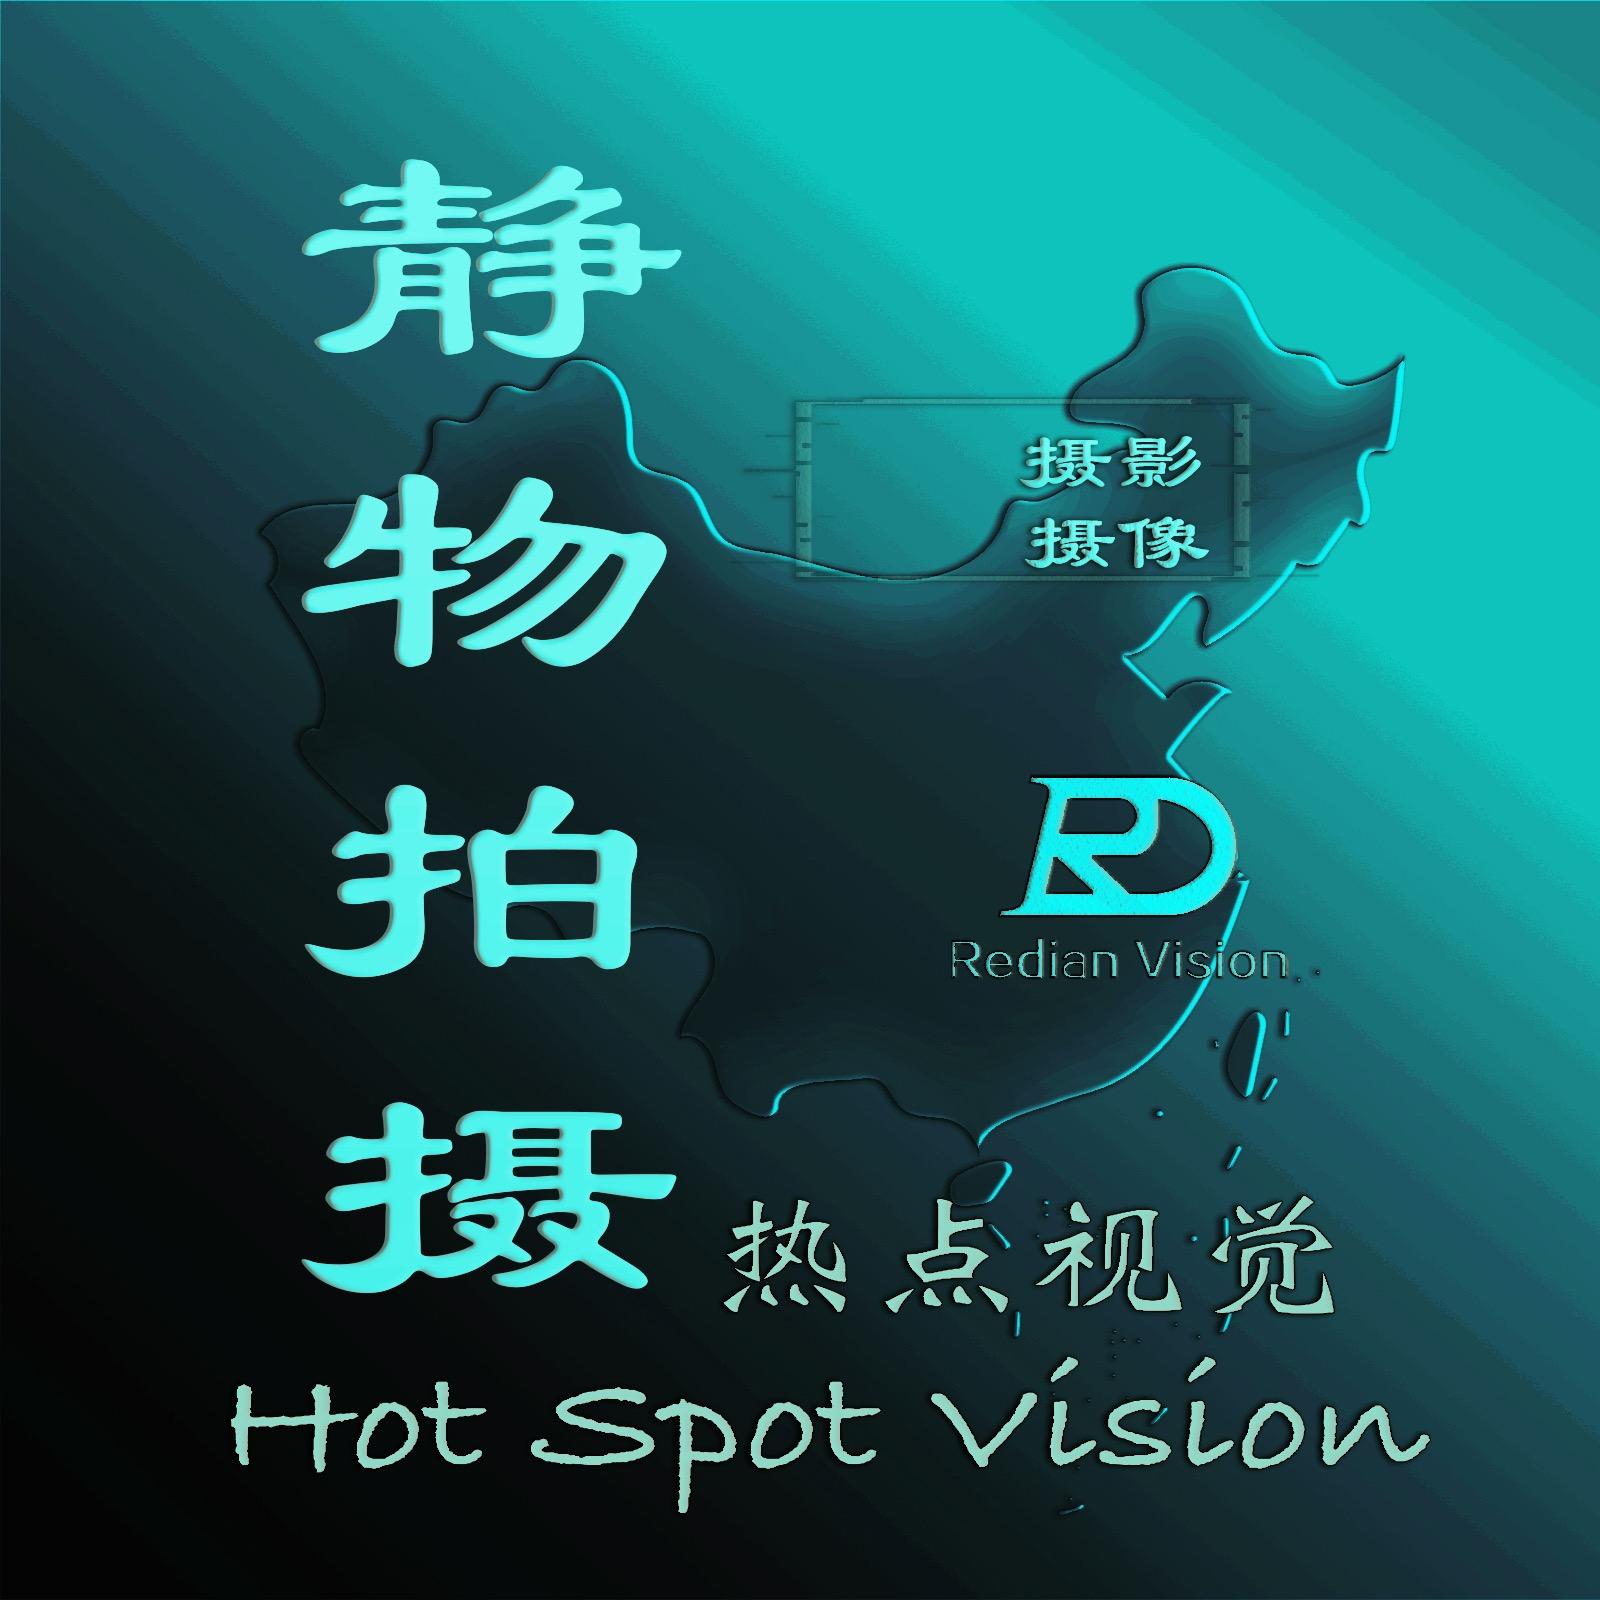 北京热点视觉产品拍摄视频摄影服务静物摄影视频制作美食拍摄摄影